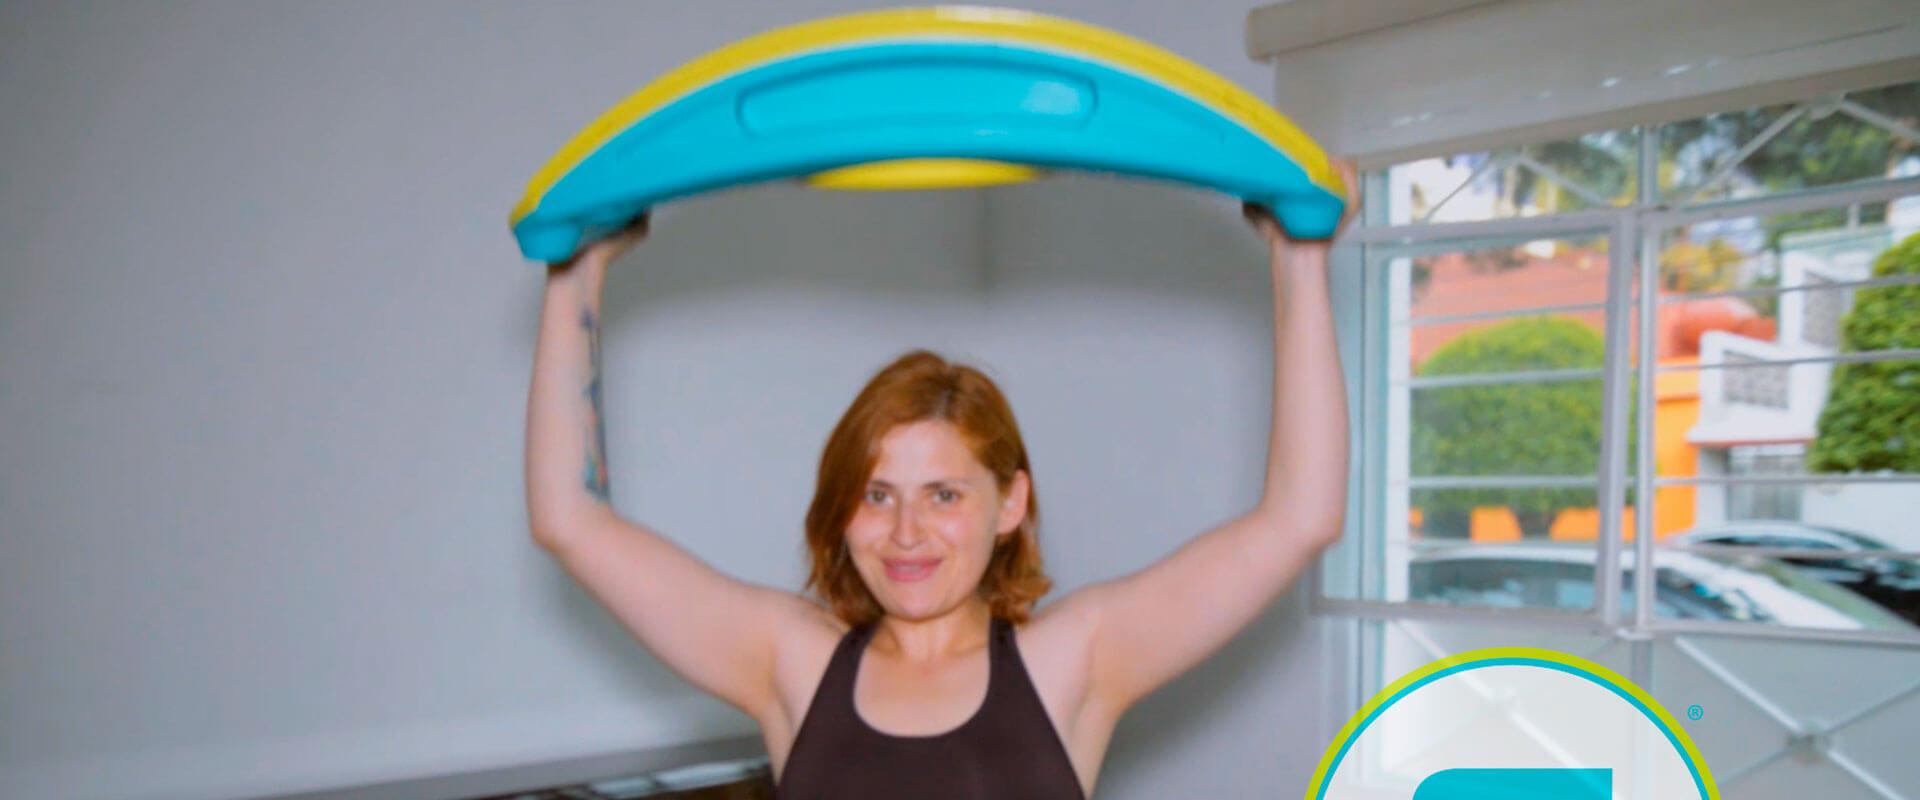 Mujer cargando el aparato de ejercicio llamado Gravity ABS.